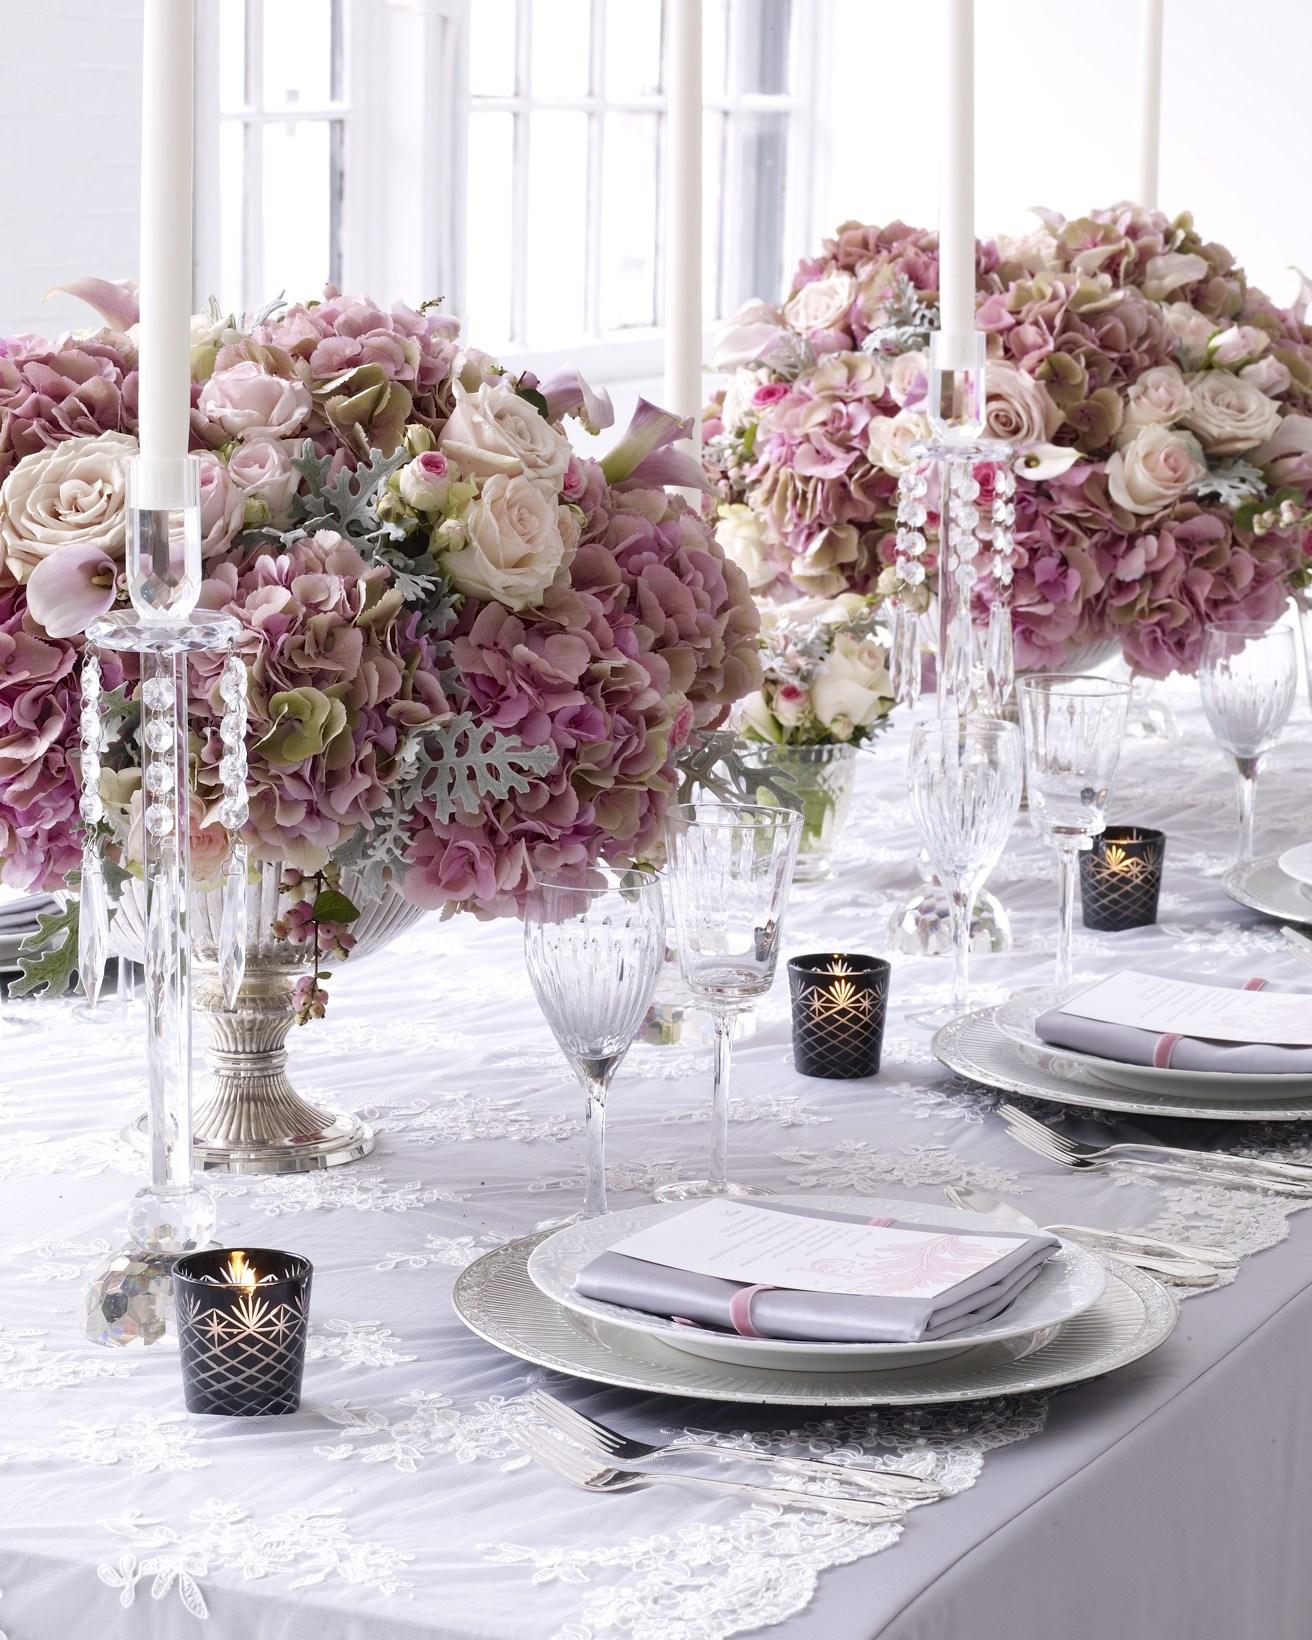 Wedding Table Designs: 35 Unique Wedding Table Linens Ideas